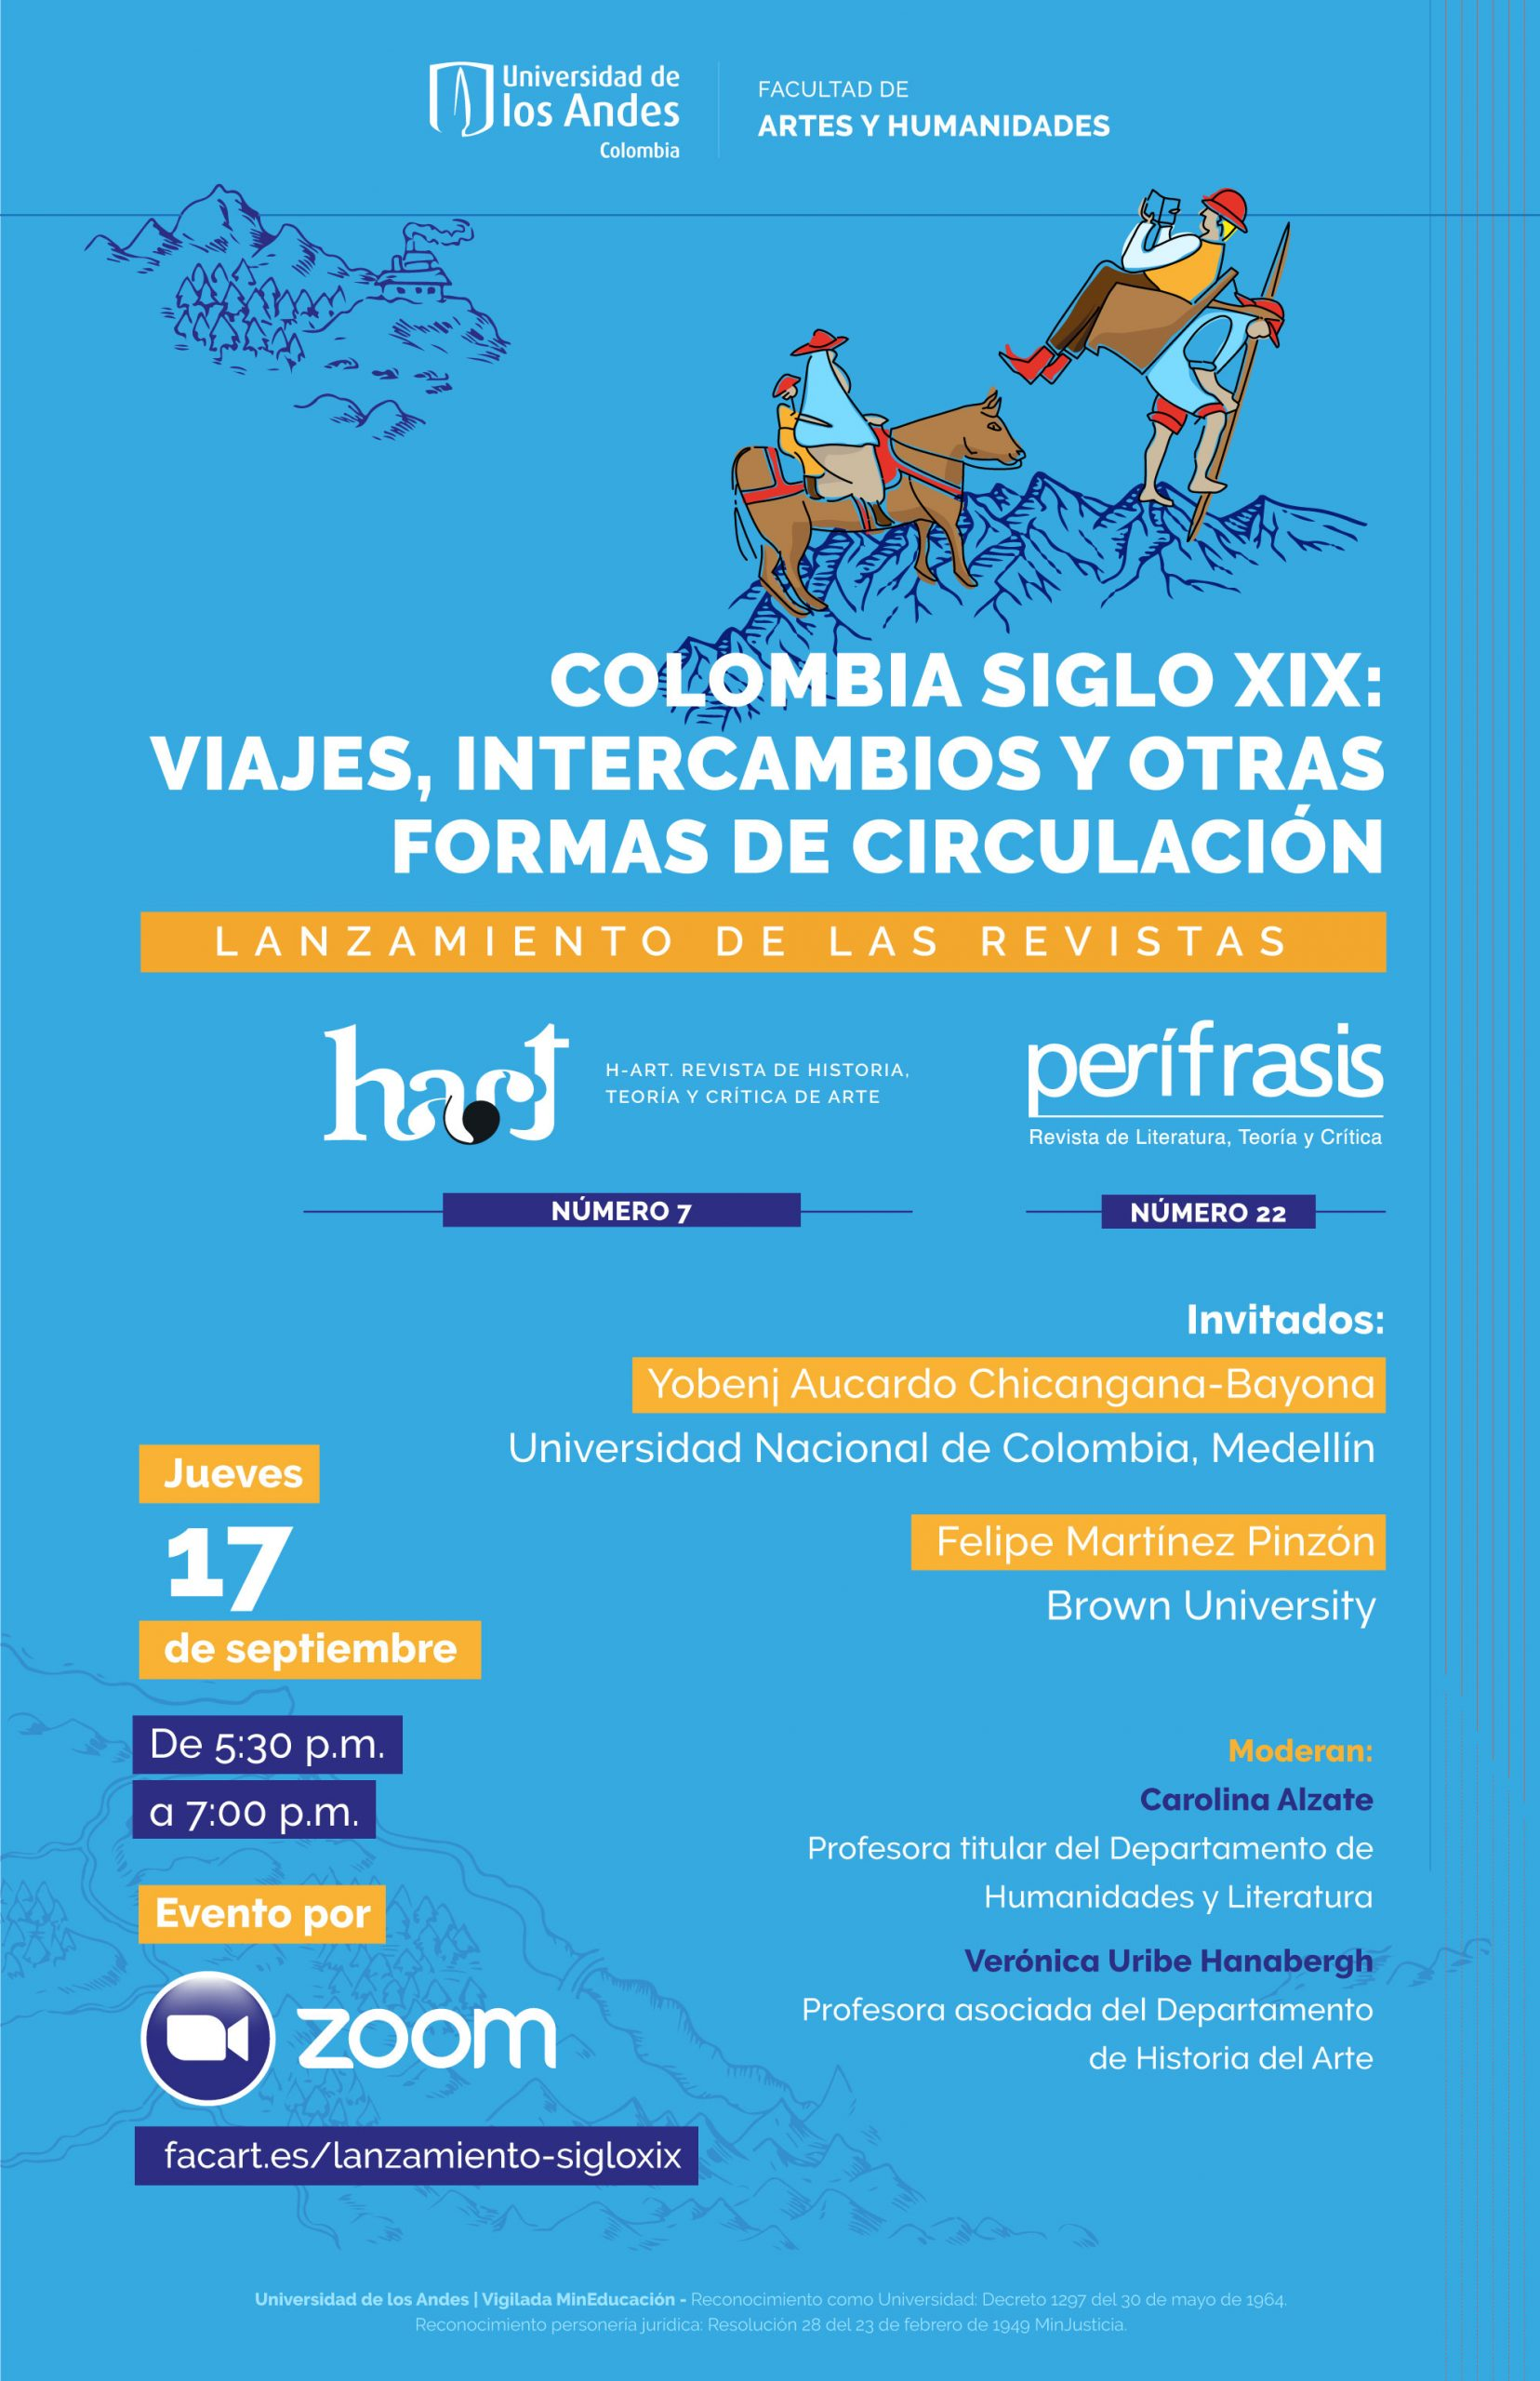 Colombia siglo XIX: viajes, intercambios y otras formas de circulación